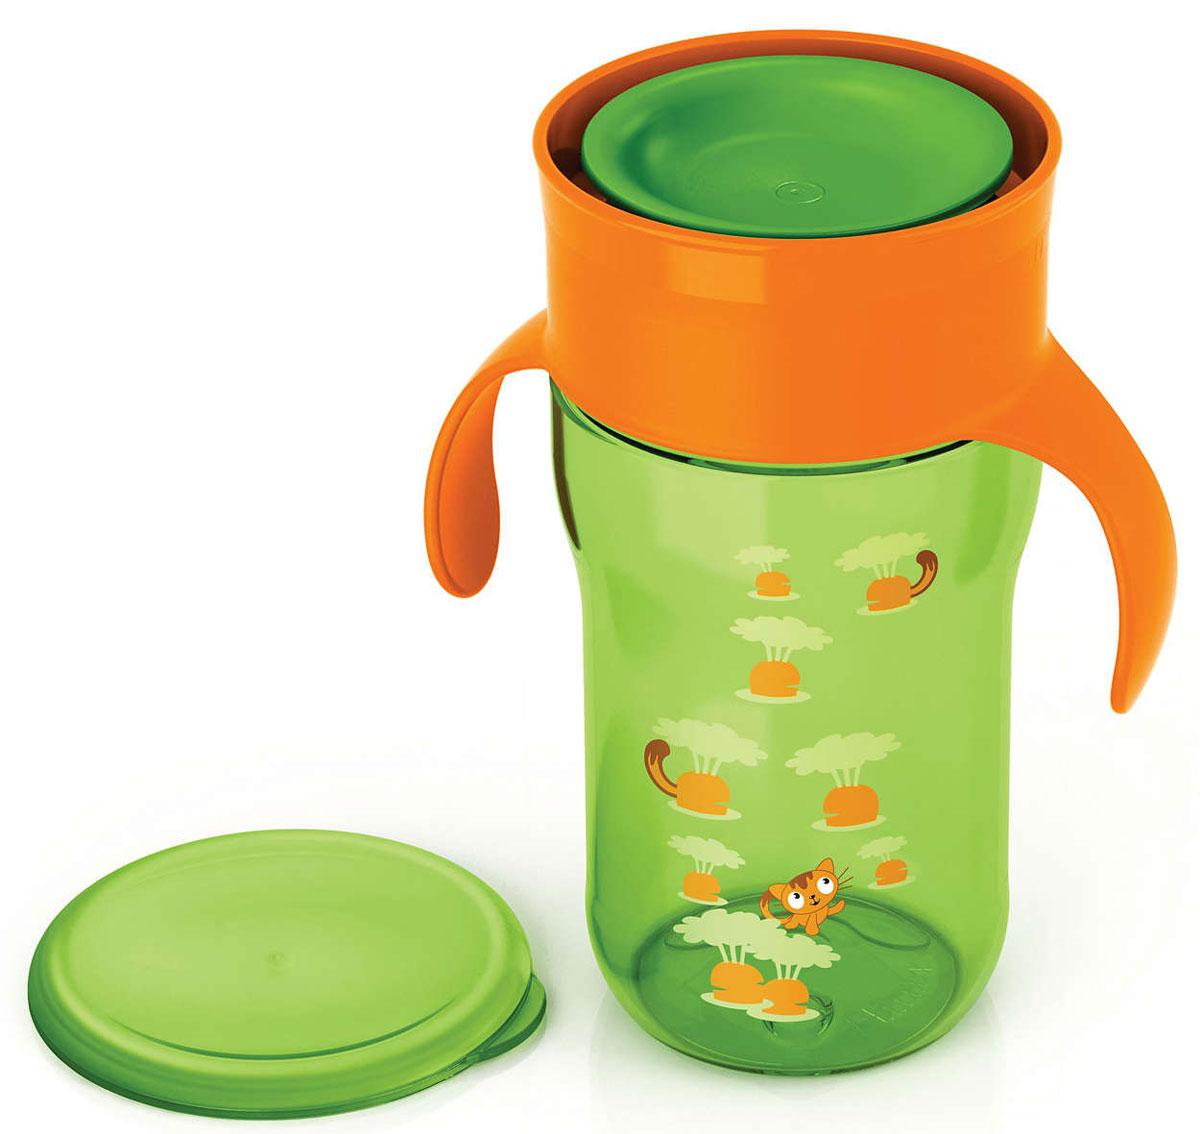 """Чашка-поильник """"Philips Avent"""" выполнена из безопасного материала (не содержит бисфенол А) и оформлена забавными изображениями. С помощью этой чашки без носика и трубочки вы сможете легко научить ребенка пользоваться обычной чашкой: малыш может пить по всему краю, как из обычной чашки для взрослых. Уникальный инновационный клапан, который открывается от прикосновения губ и обеспечивает быстрый поток, разработан экспертами Philips Avent специально для того, чтобы научить вашего малыша пить из обычной чашки. Клапан с быстрым потоком позволяет малышу пить, не прилагая лишних усилий, не всасывая жидкость. Дома или на прогулке, защитная гигиеничная крышка всегда сохраняет чашку в чистоте. Обучающие ручки приучают малыша держать чашку и пить без посторонней помощи."""